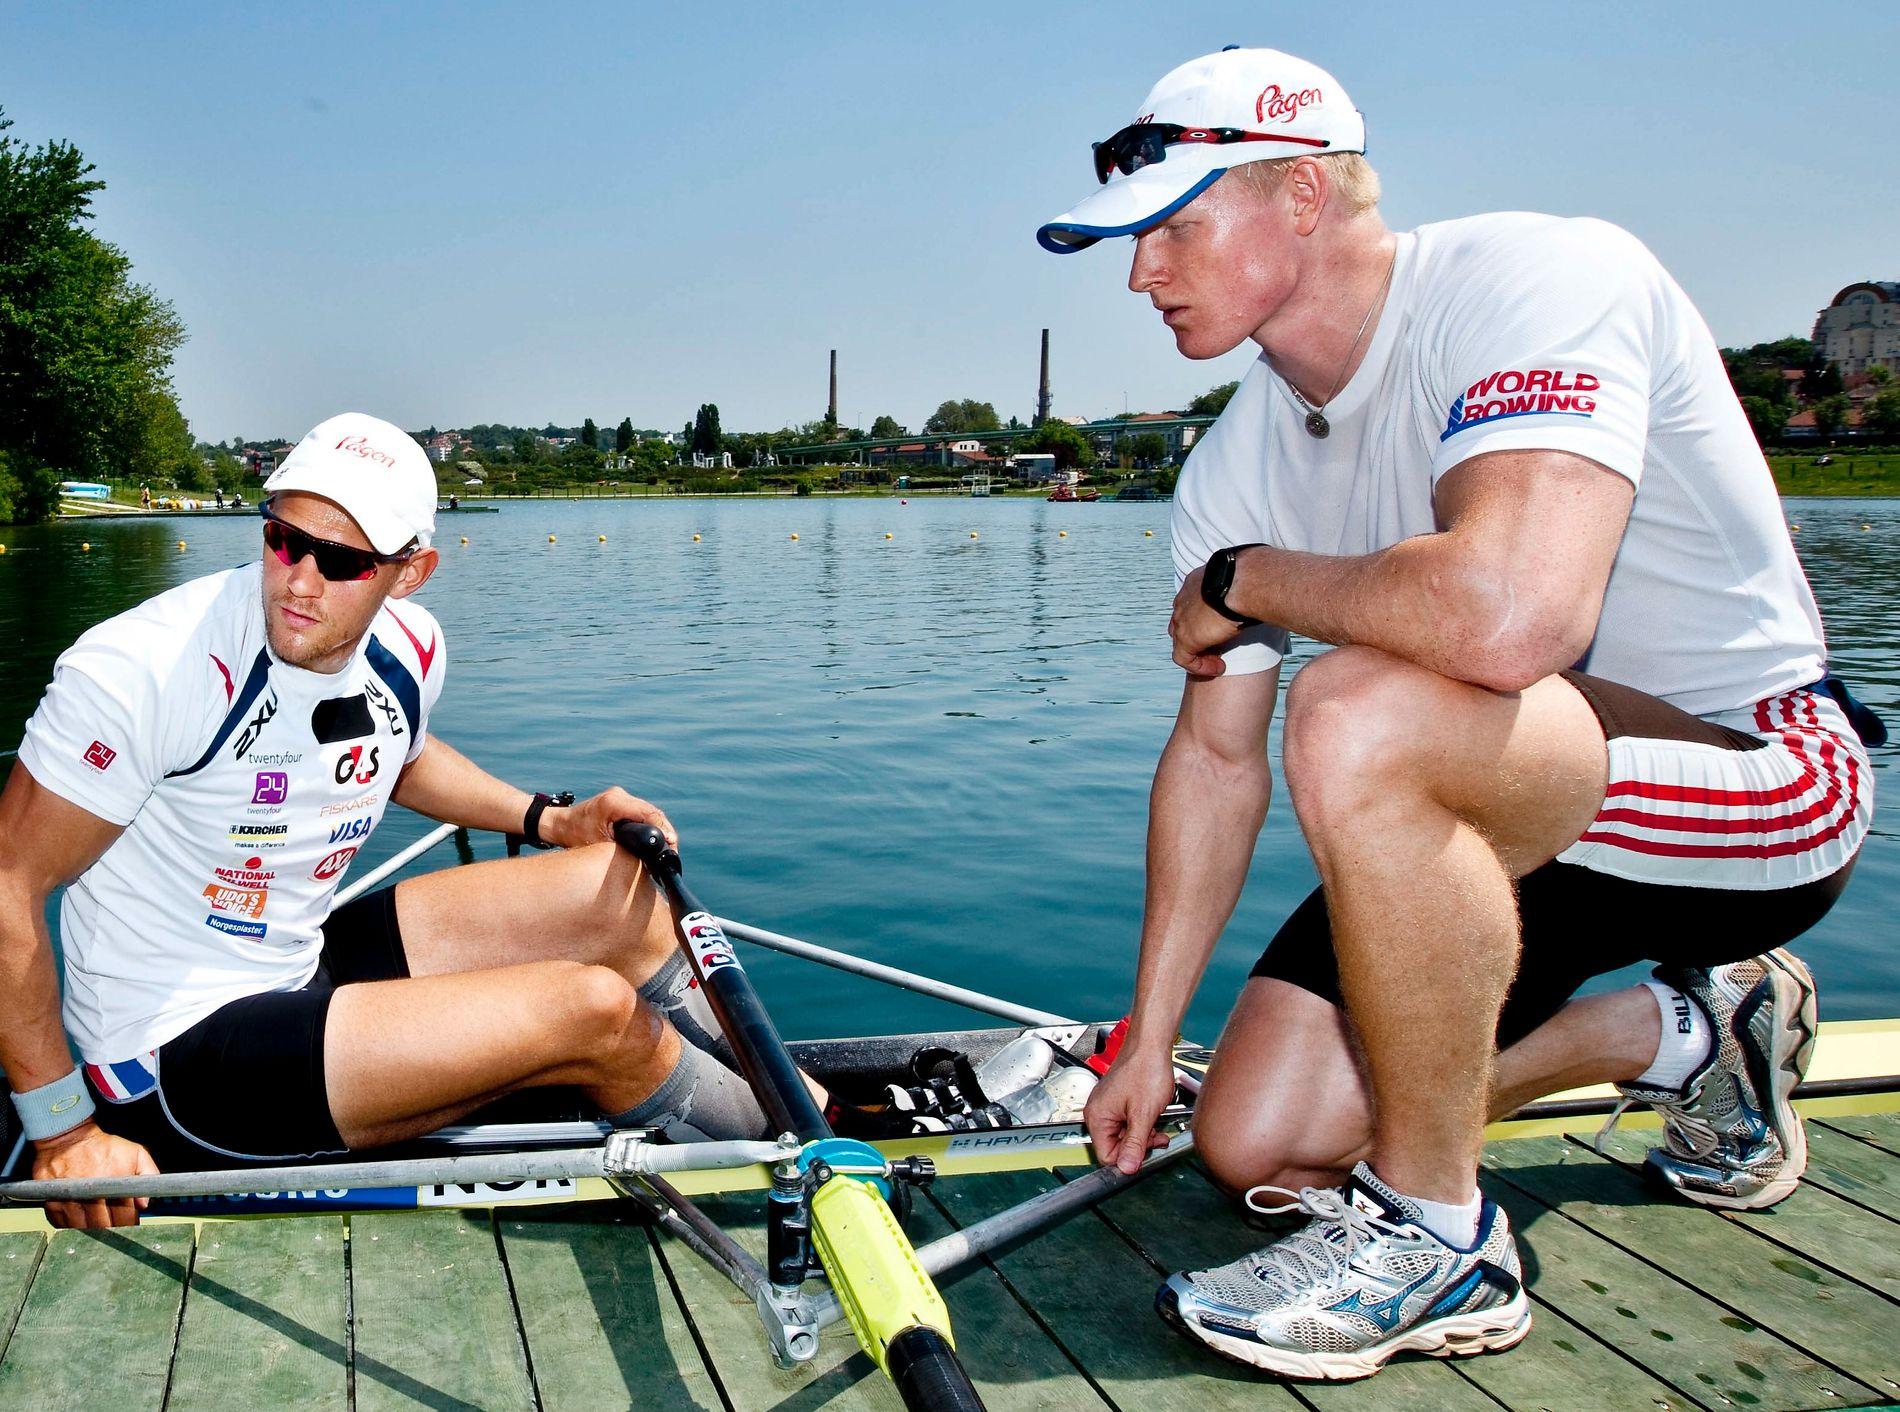 OL-JAKT: Kjetil Borch (til høyre) og Olaf Tufte kjemper om OL-plass de neste dagene. Tirsdag faller avgjørelsen i Sveits.